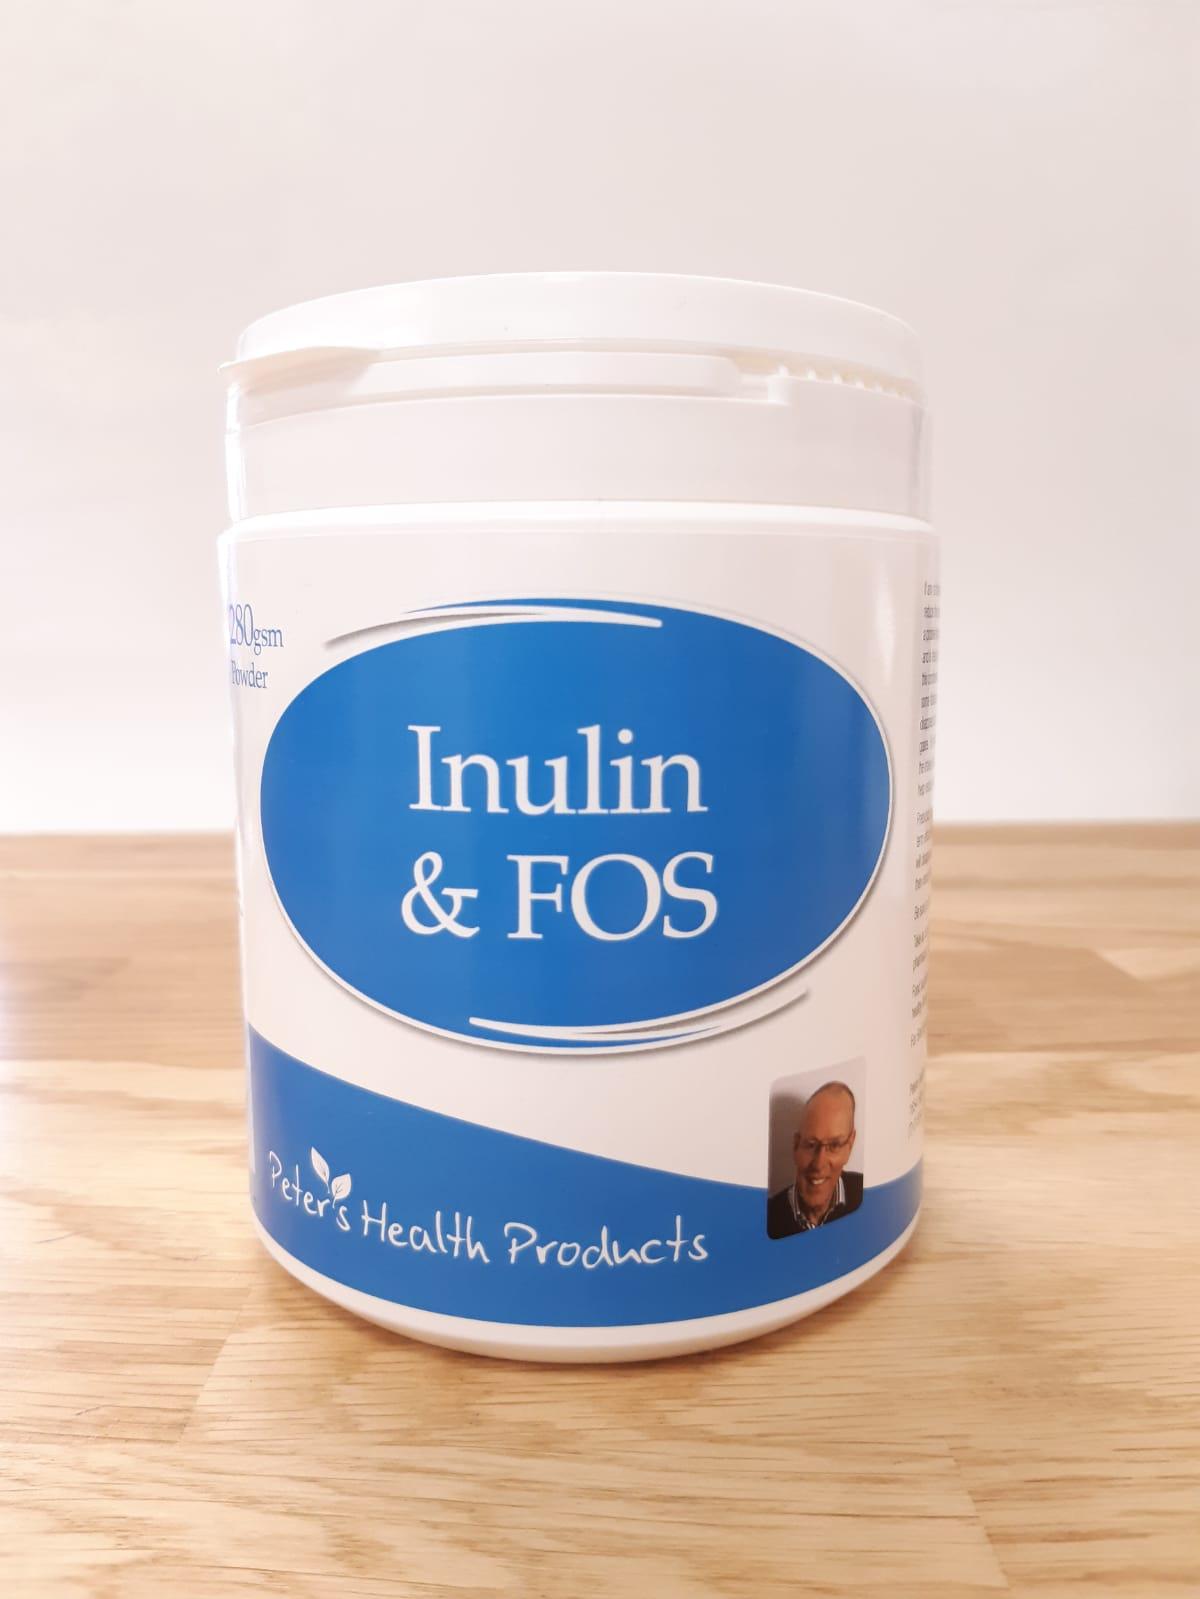 Inulin & FOS 280g